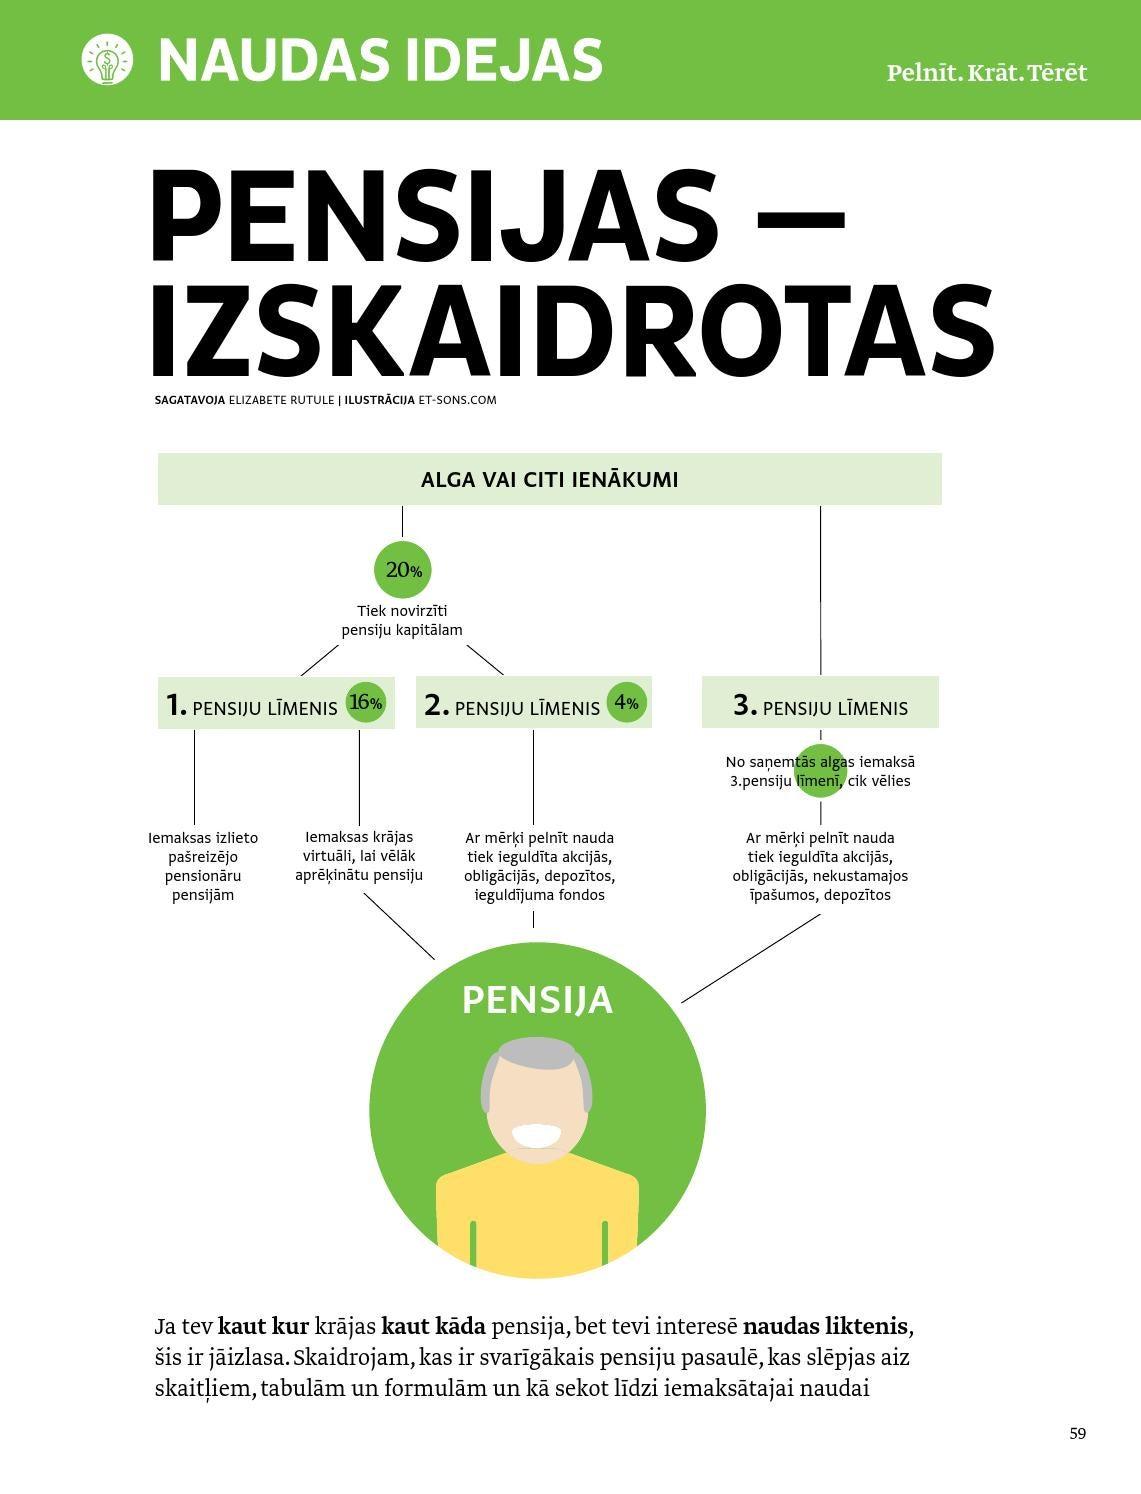 ko darīt, lai nopelnītu naudu pensionāram